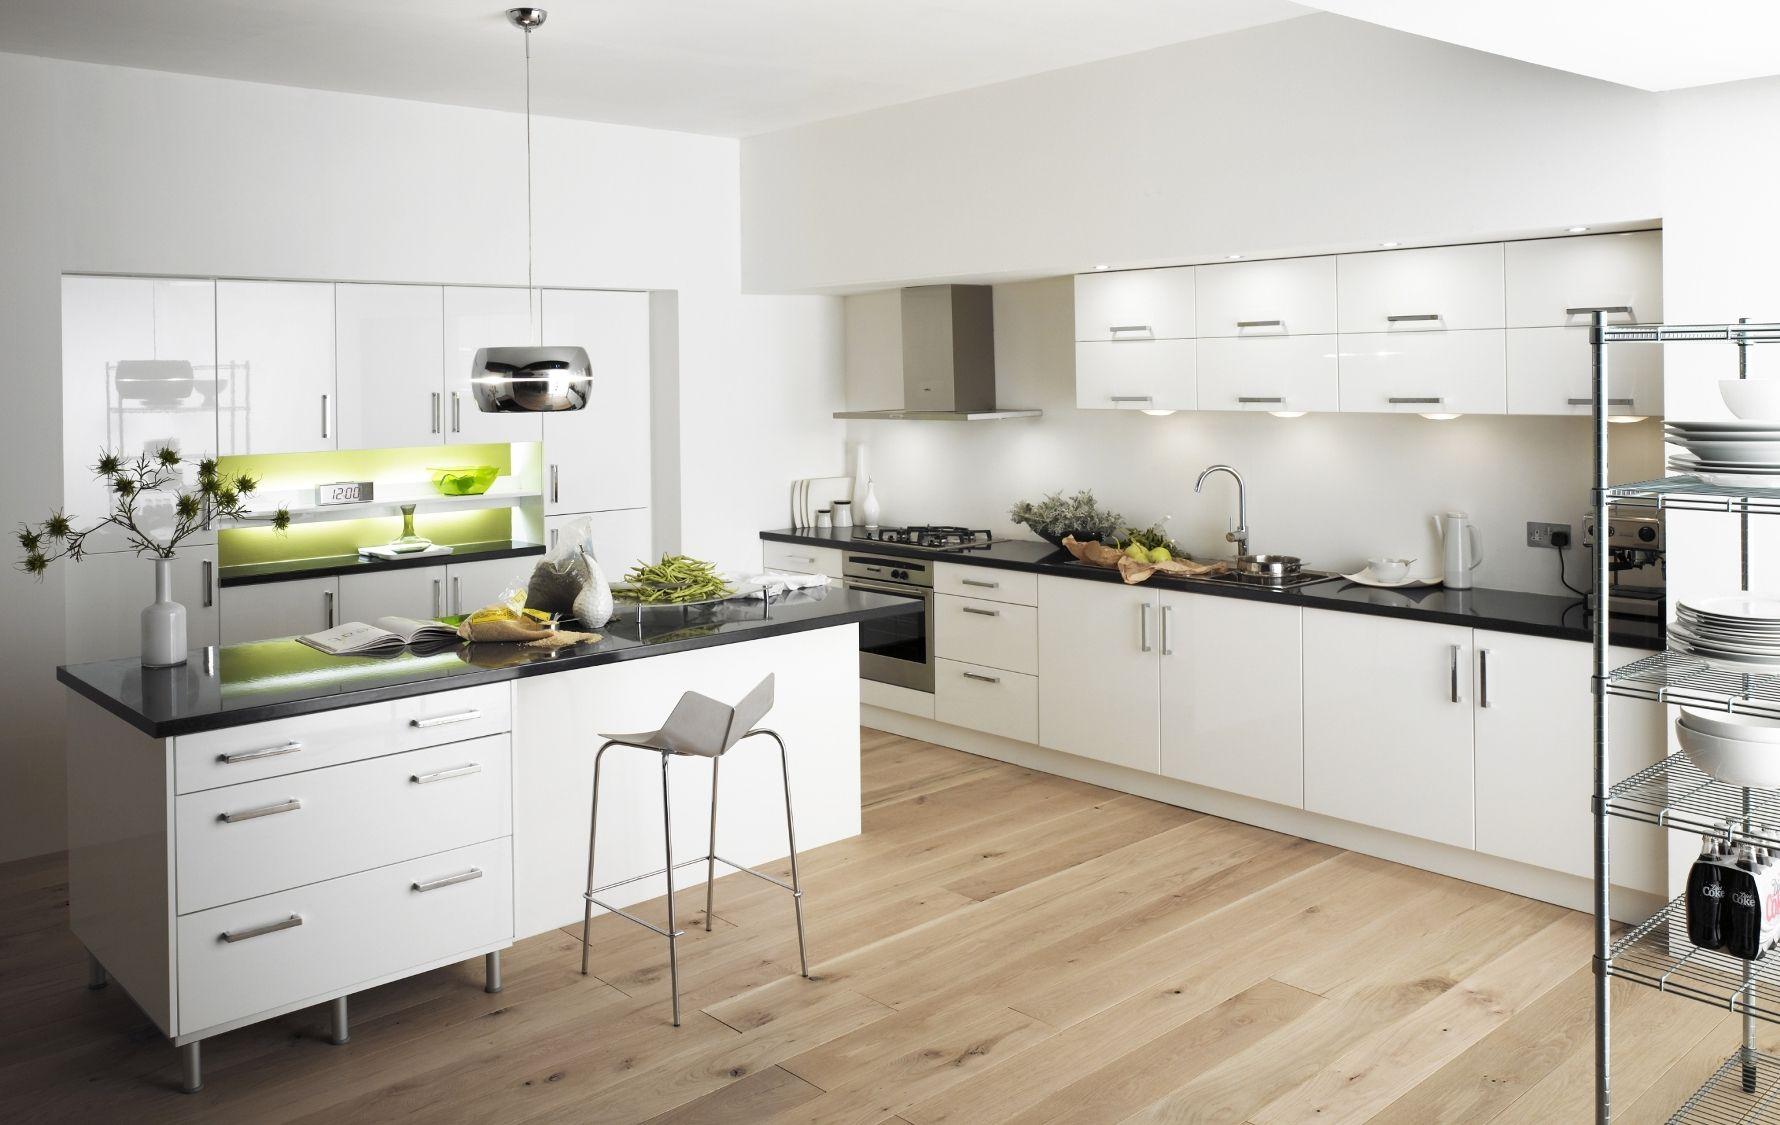 modern kitchen designs 30 Contemporary White Kitchens Ideas